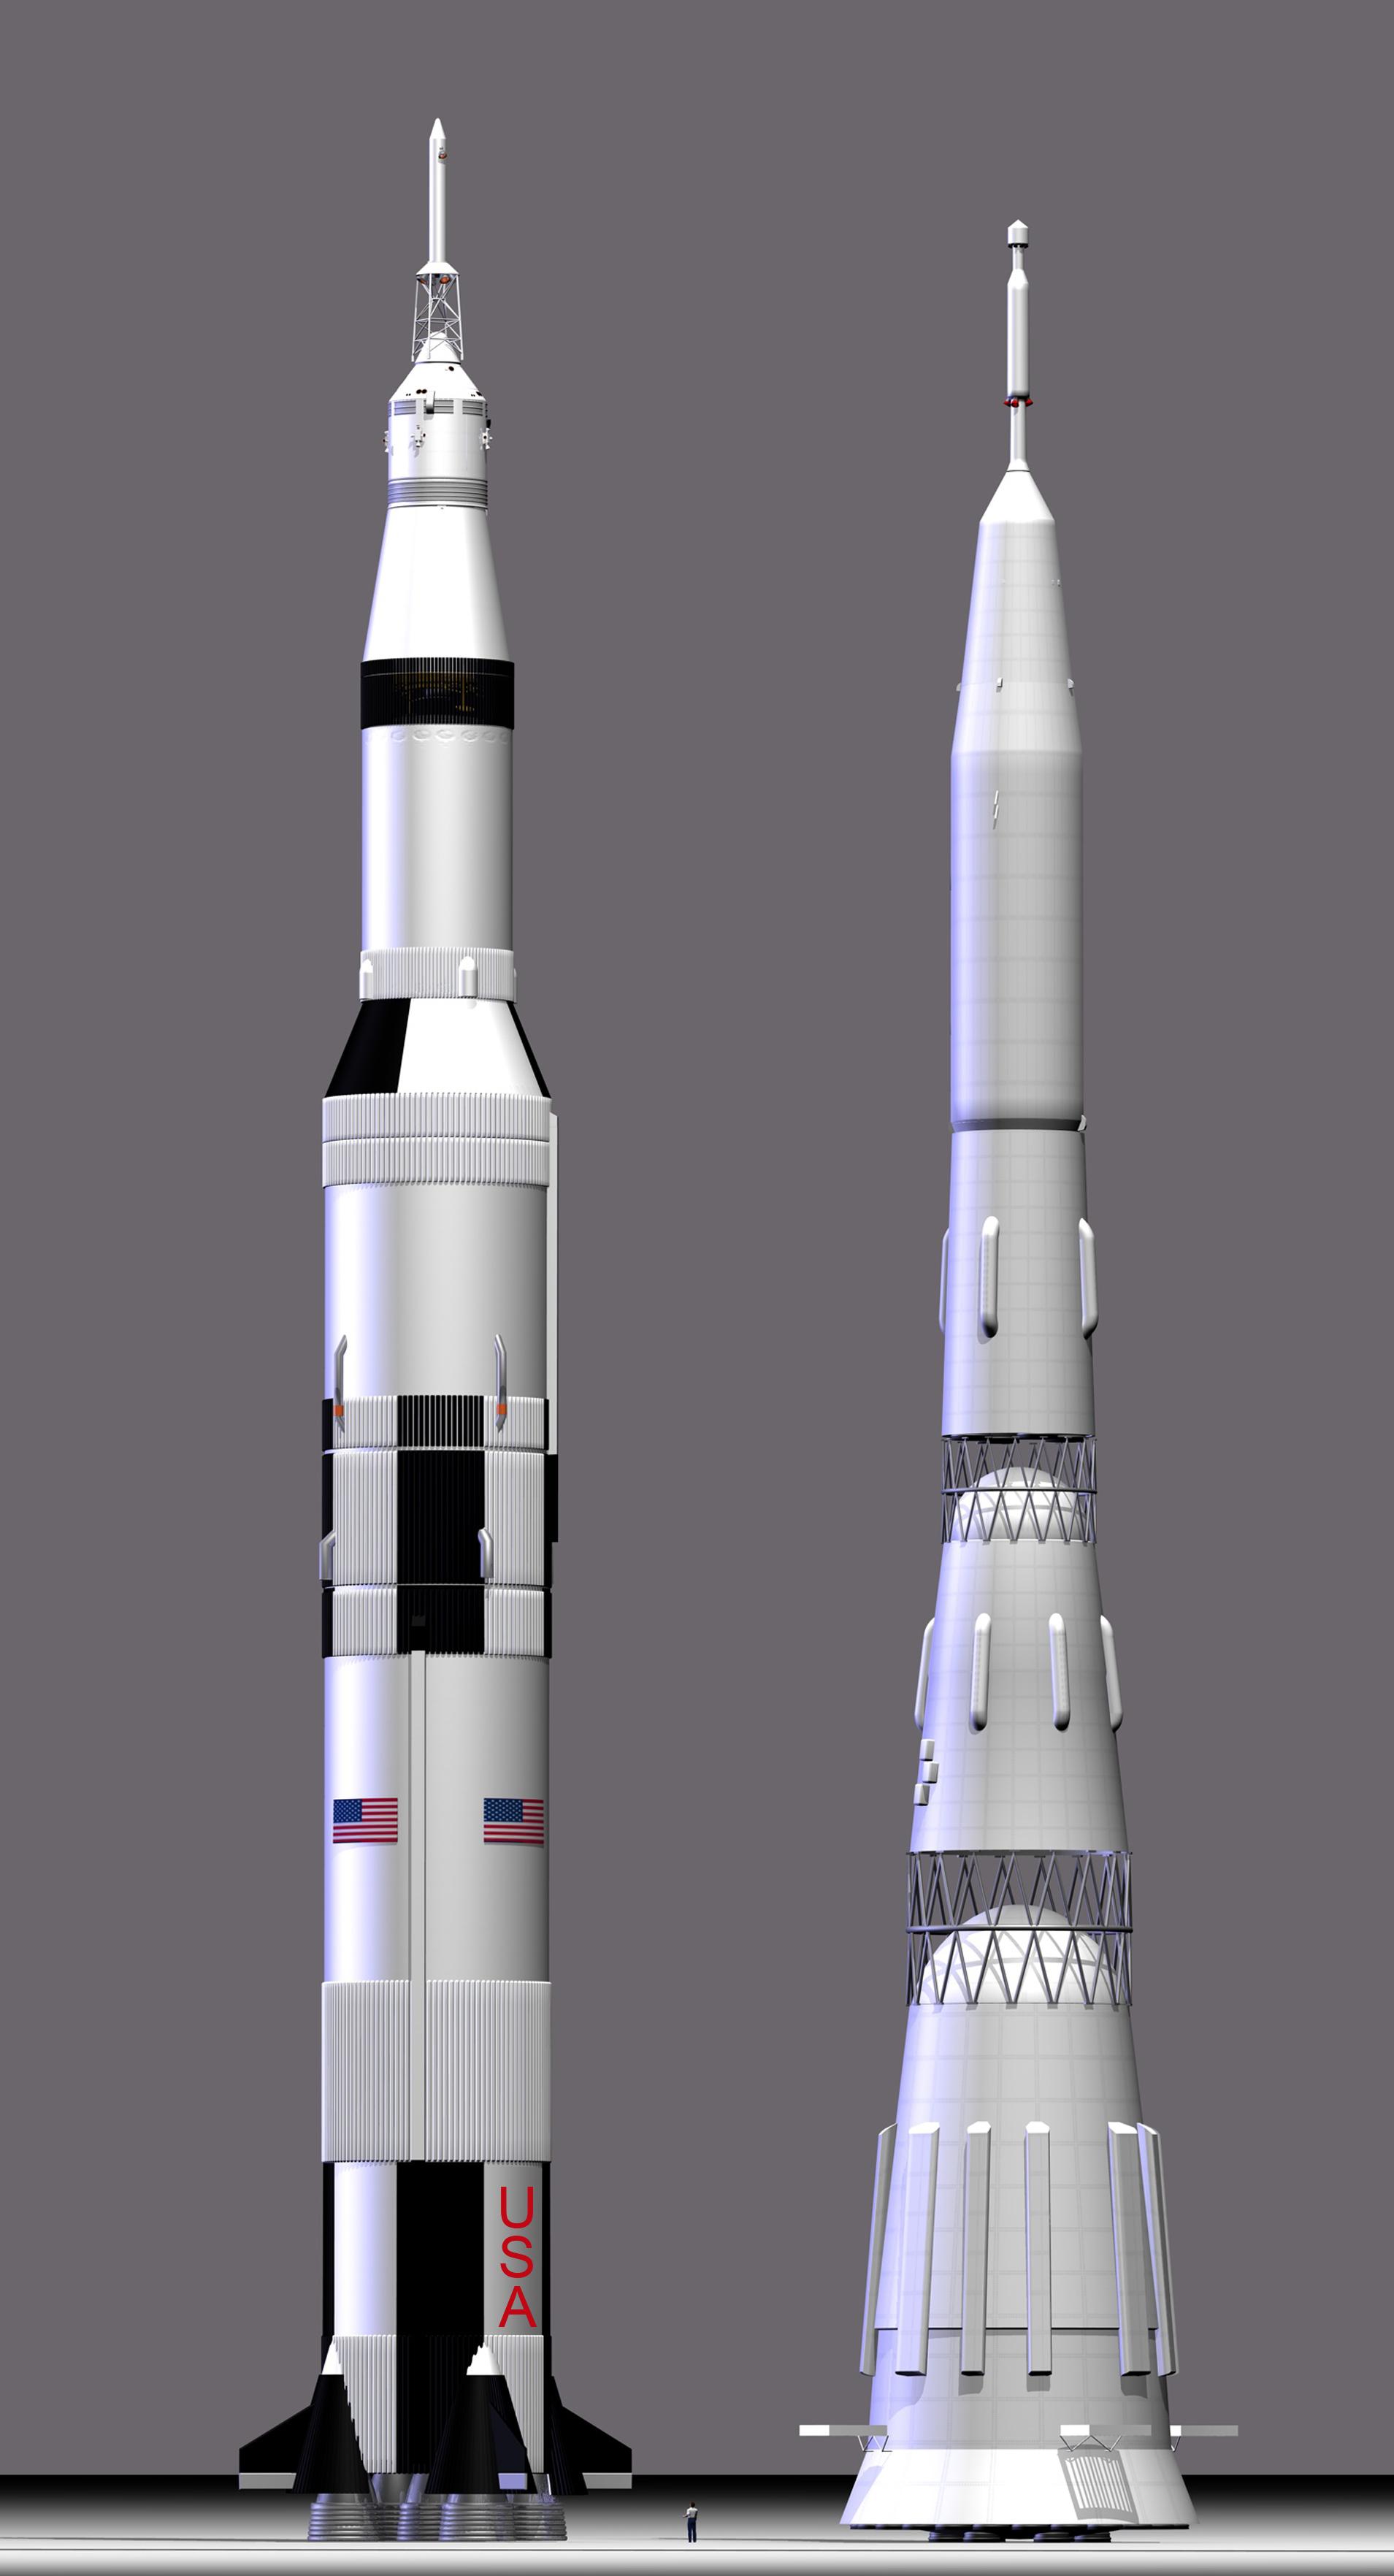 Saturn V Rocket Stages Diagram Model Rocket Diagram ...